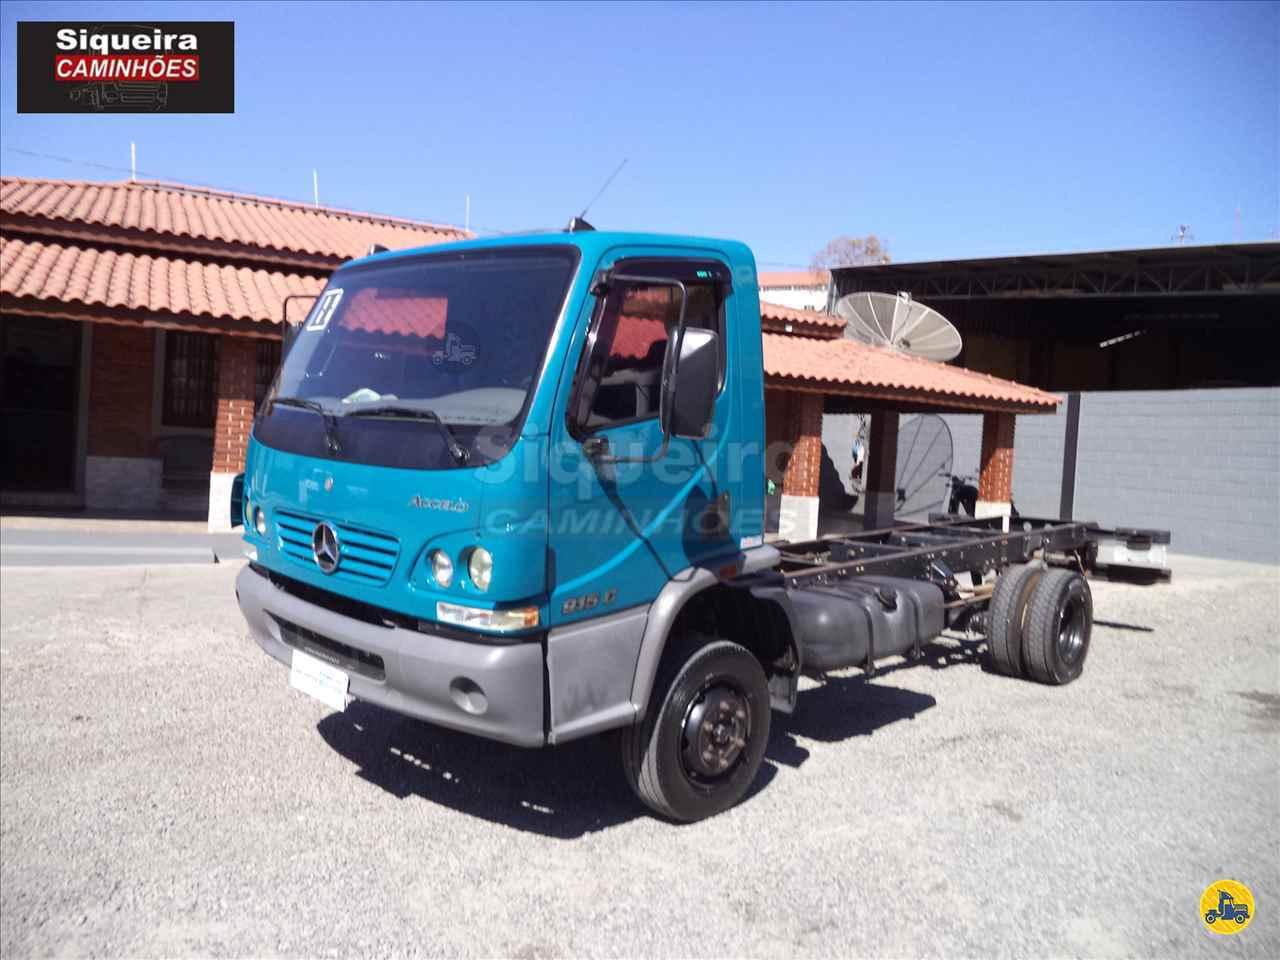 CAMINHAO MERCEDES-BENZ MB 915 Chassis 3/4 4x2 Siqueira Caminhões BRAGANCA PAULISTA SÃO PAULO SP